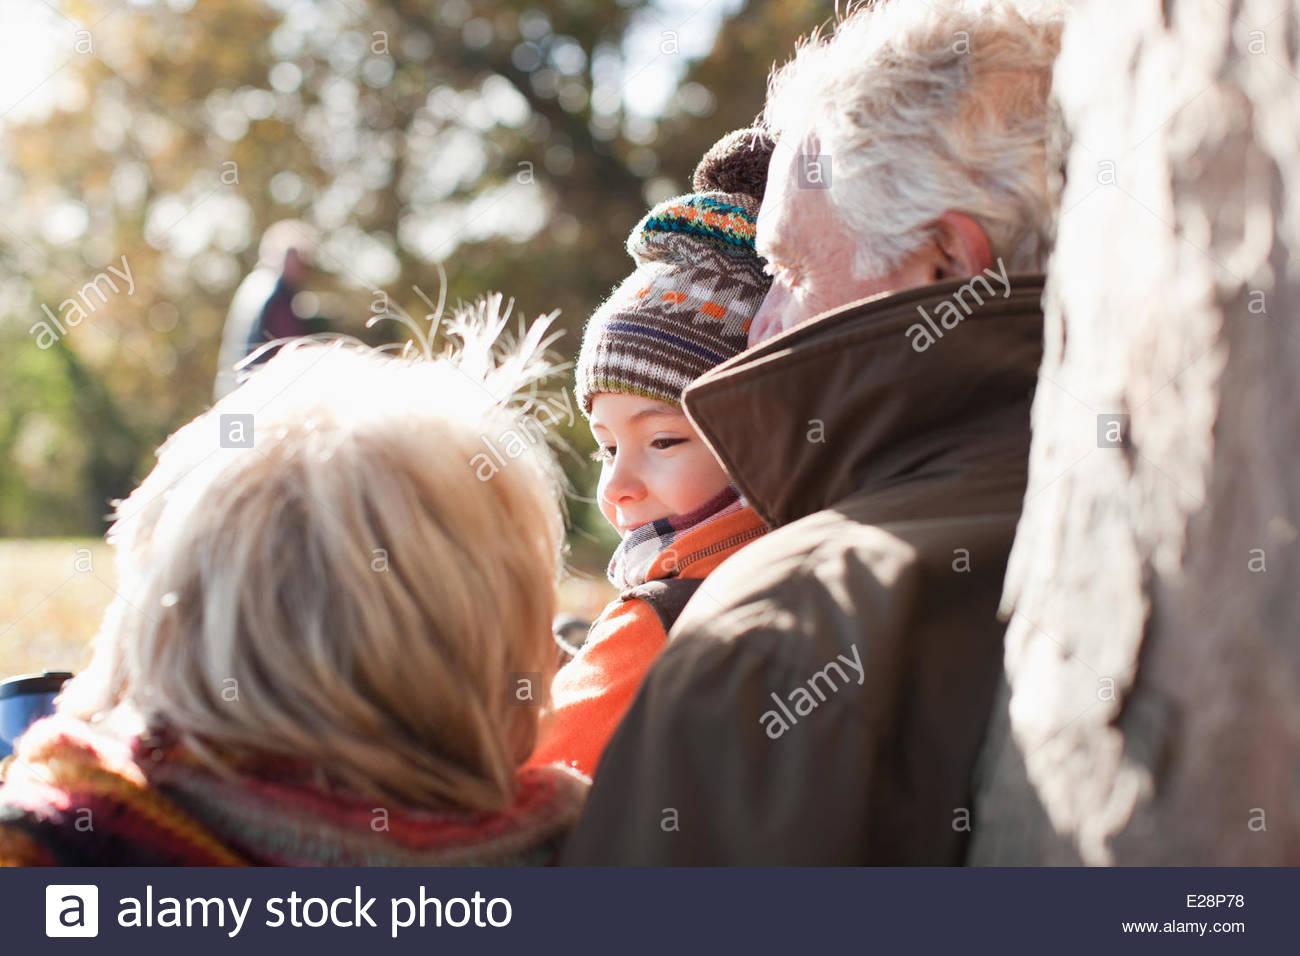 Nonni appoggiato contro il tronco di albero Immagini Stock